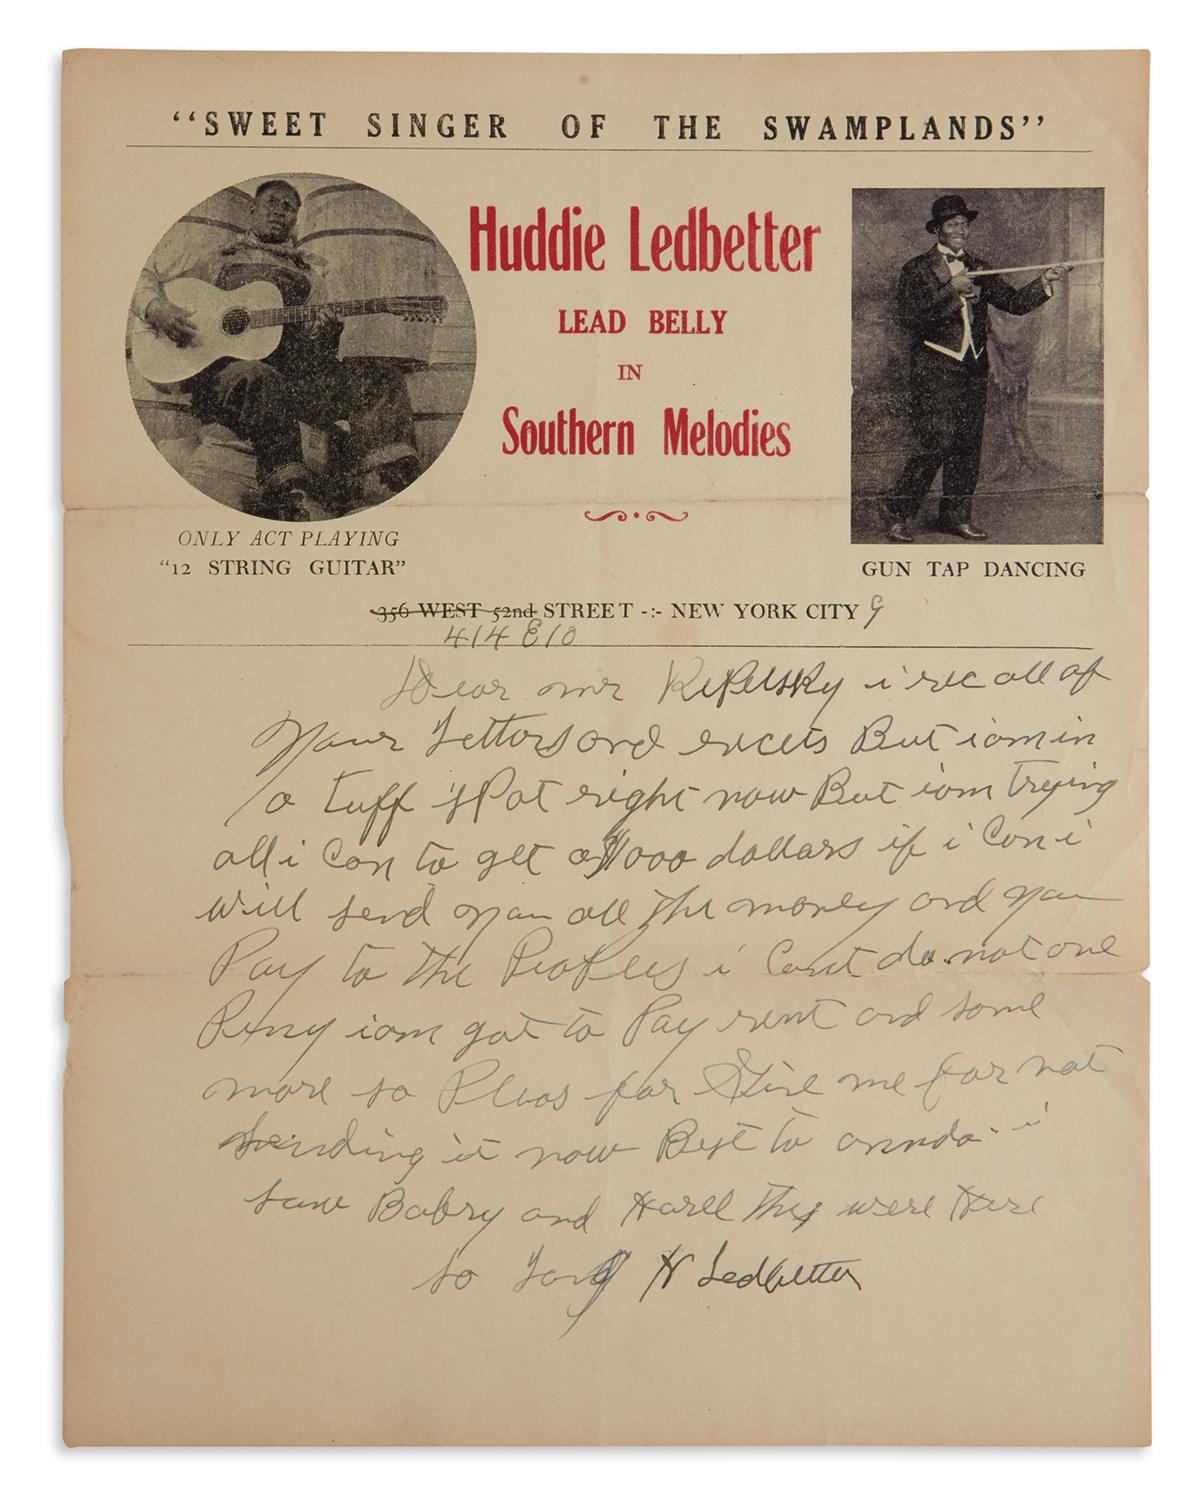 HUDDIE WILLIAM LEDBETTER (LEAD BELLY). Autograph Letter Signed, H Ledbetter, to Arkadey Replelski (Dear Mr. Repelsky),